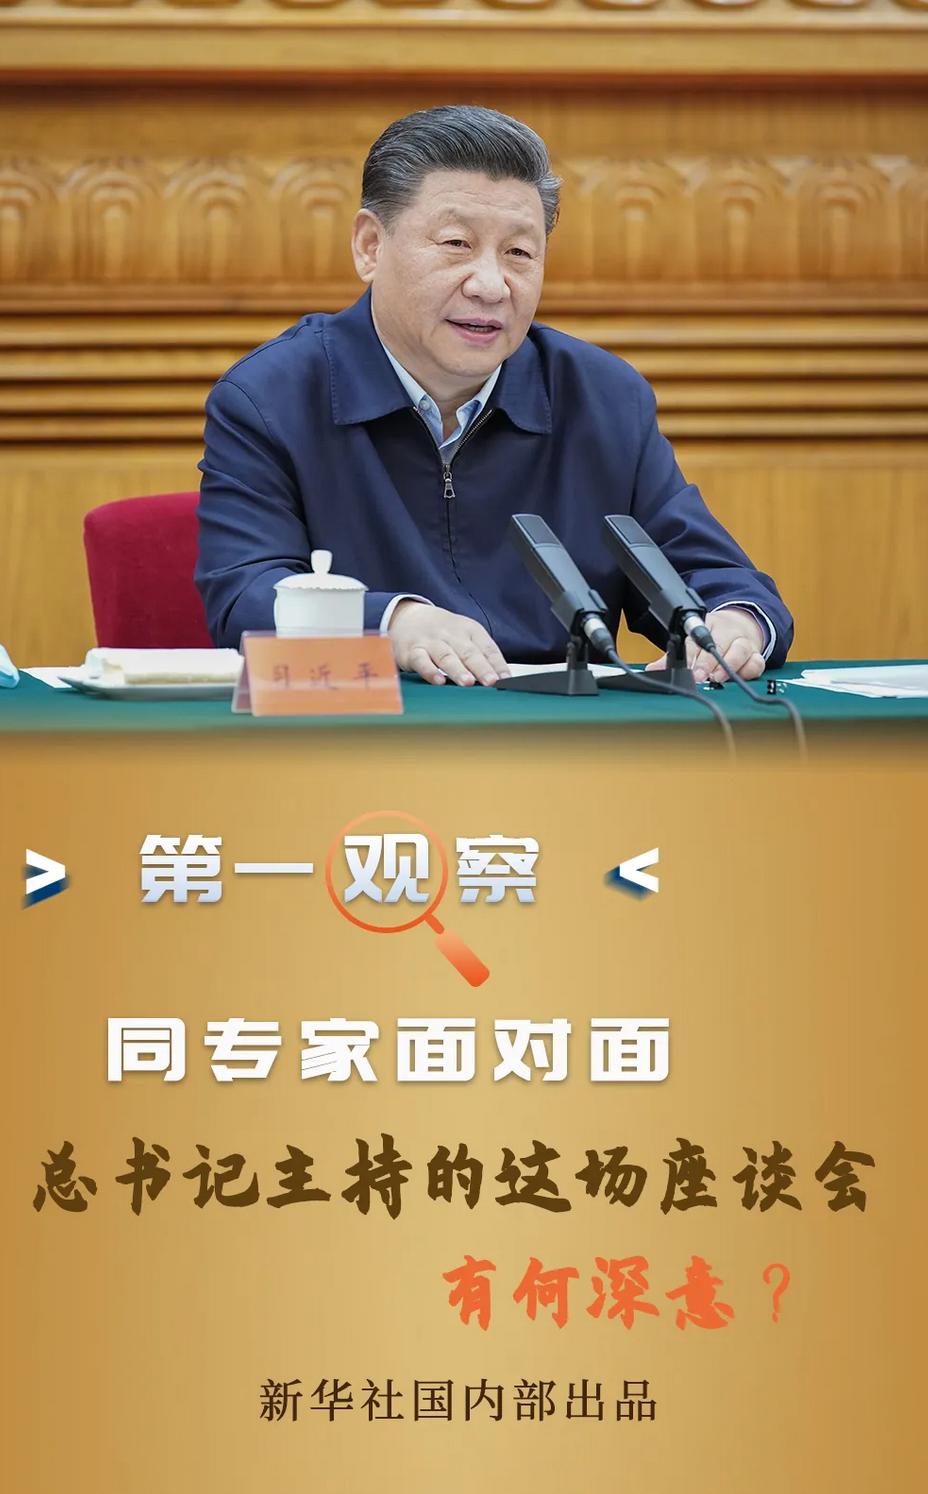 腾讯极速28官网